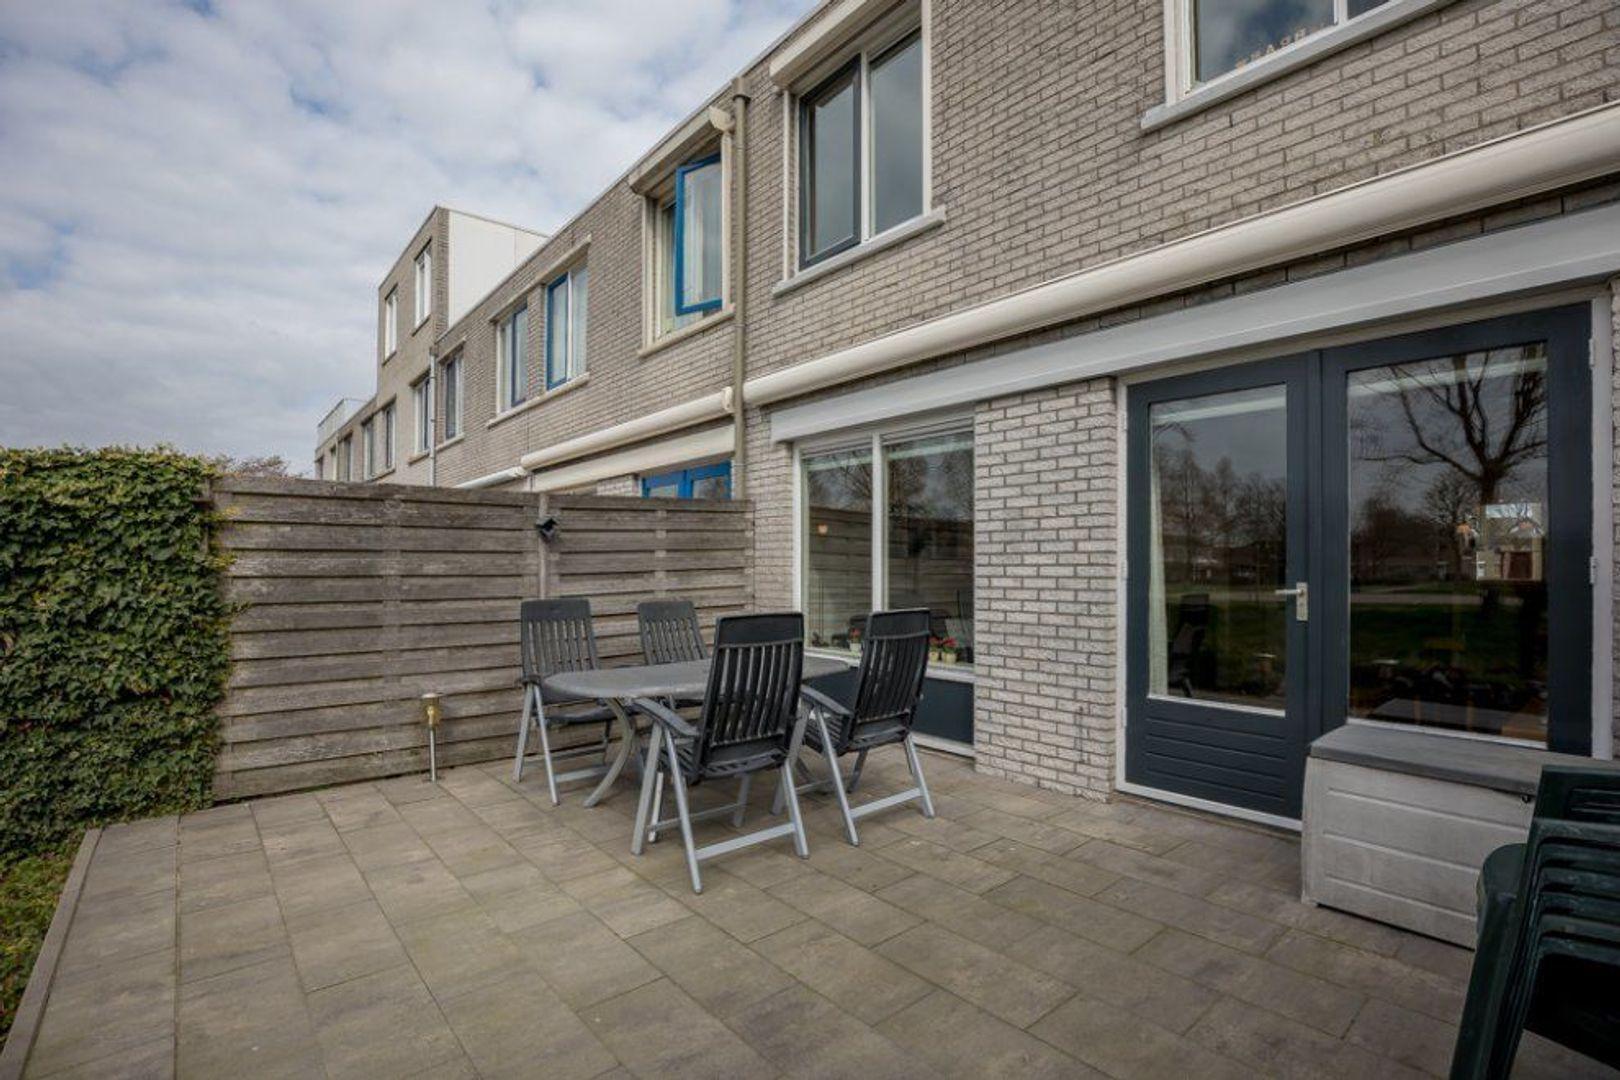 Van Embdenruimte 49, Zoetermeer foto-42